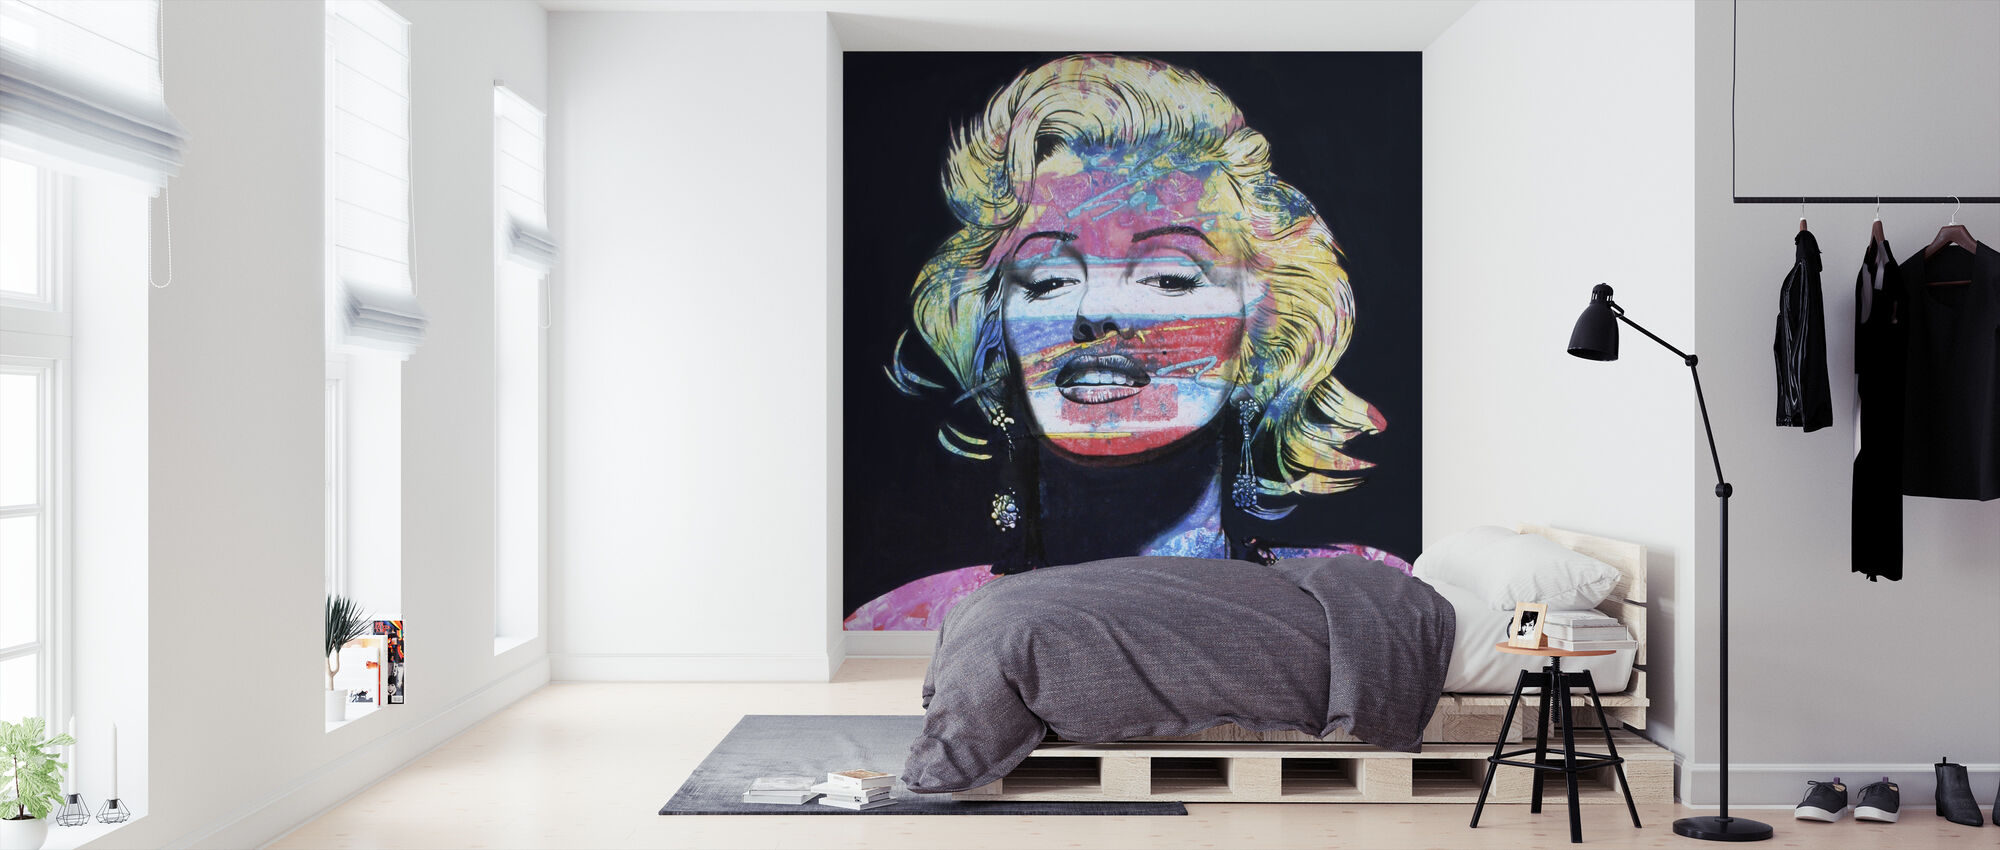 De Look - Behang - Slaapkamer